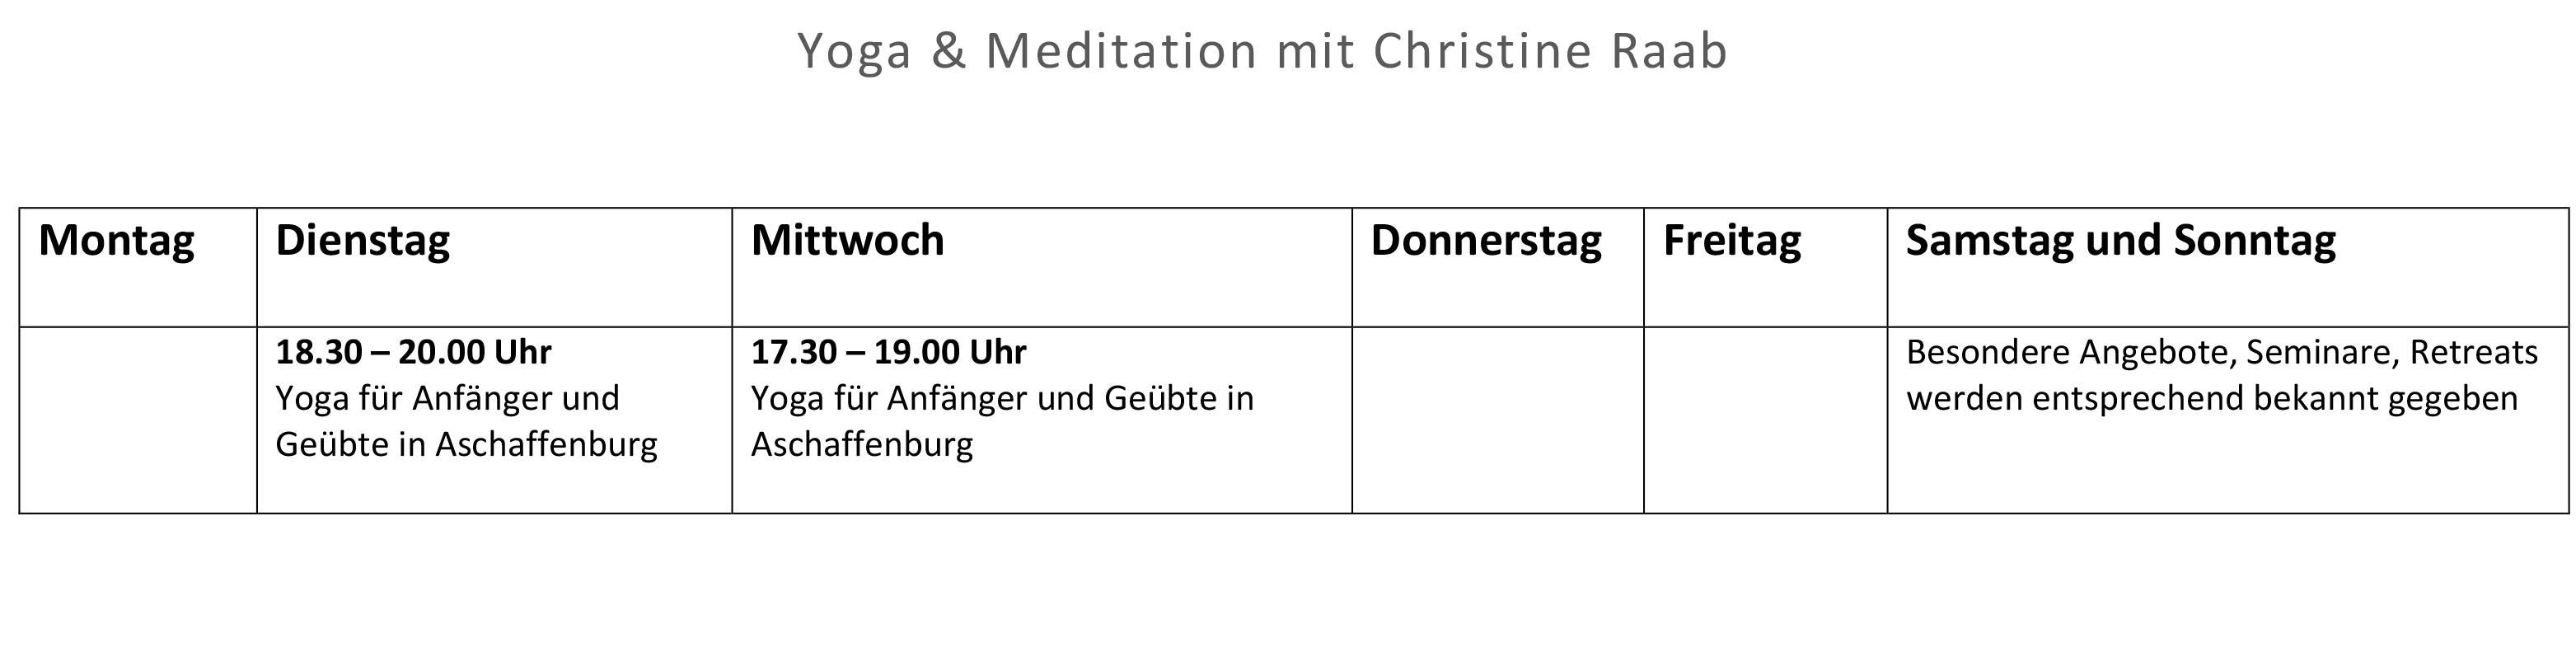 Yoga in Aschaffenburg mit Christine Raab, alle aktuellen Termine, Alzenau, Hatha Yoga, Meditation